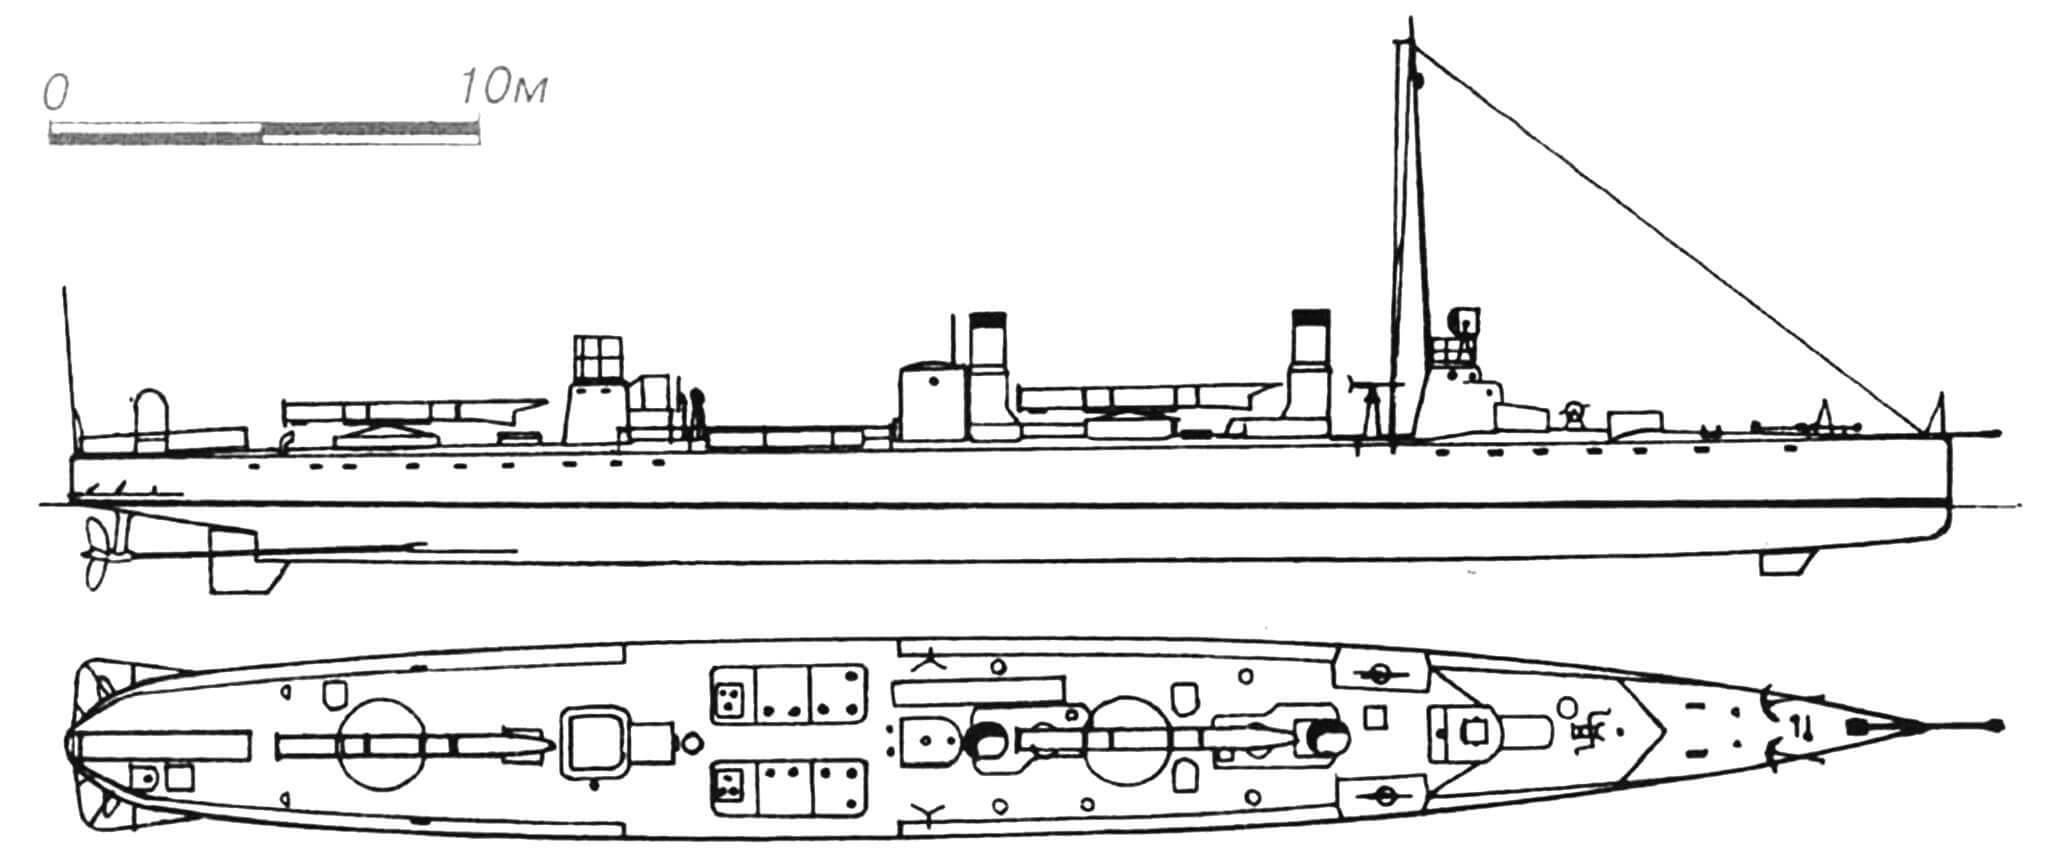 65. Миноносец «Шевалье», Франция, 1893 г. Строился фирмой «Ле Норман». Водоизмещение нормальное 120 т, полное 137 т. Длина наибольшая 44,0 м, ширина 4,50 м, осадка 2,1 м. Мощность двухвальной паросиловой установки 2200 л.с., скорость на испытаниях 27,6 узла. Вооружение: два 450-мм торпедных аппарата, две 37-мм револьверные пушки. Очень удачный корабль — сохранял свою высокую скорость в течение многих лет. В 1904 г. сменены котлы. Активно участвовал в Первой мировой войне. Сдан на слом в 1920 г.